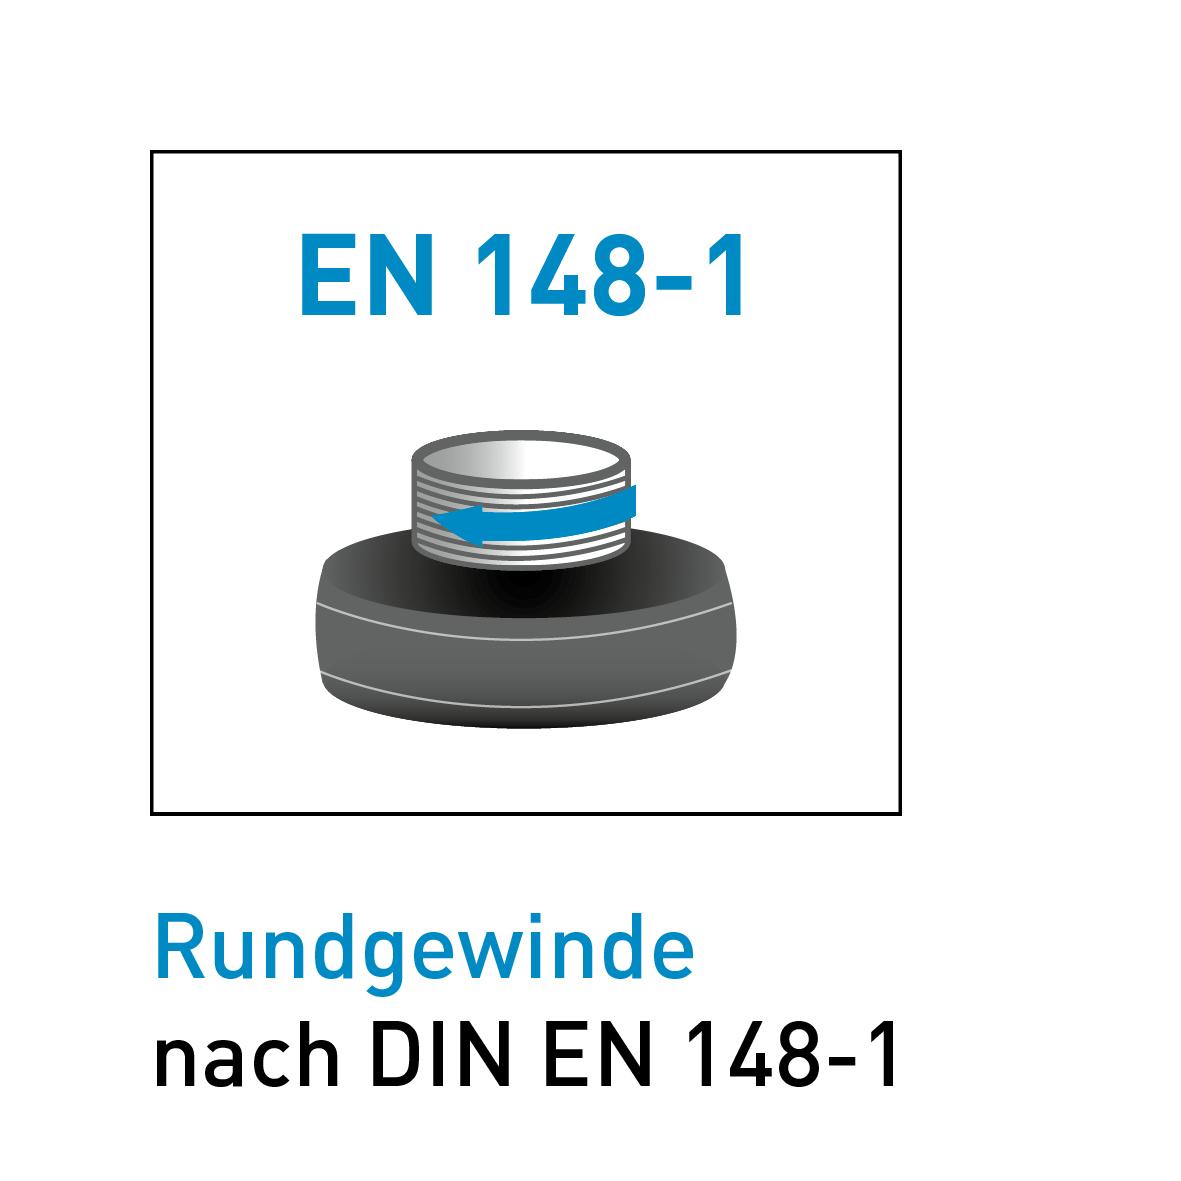 Rundgewinde deutsch